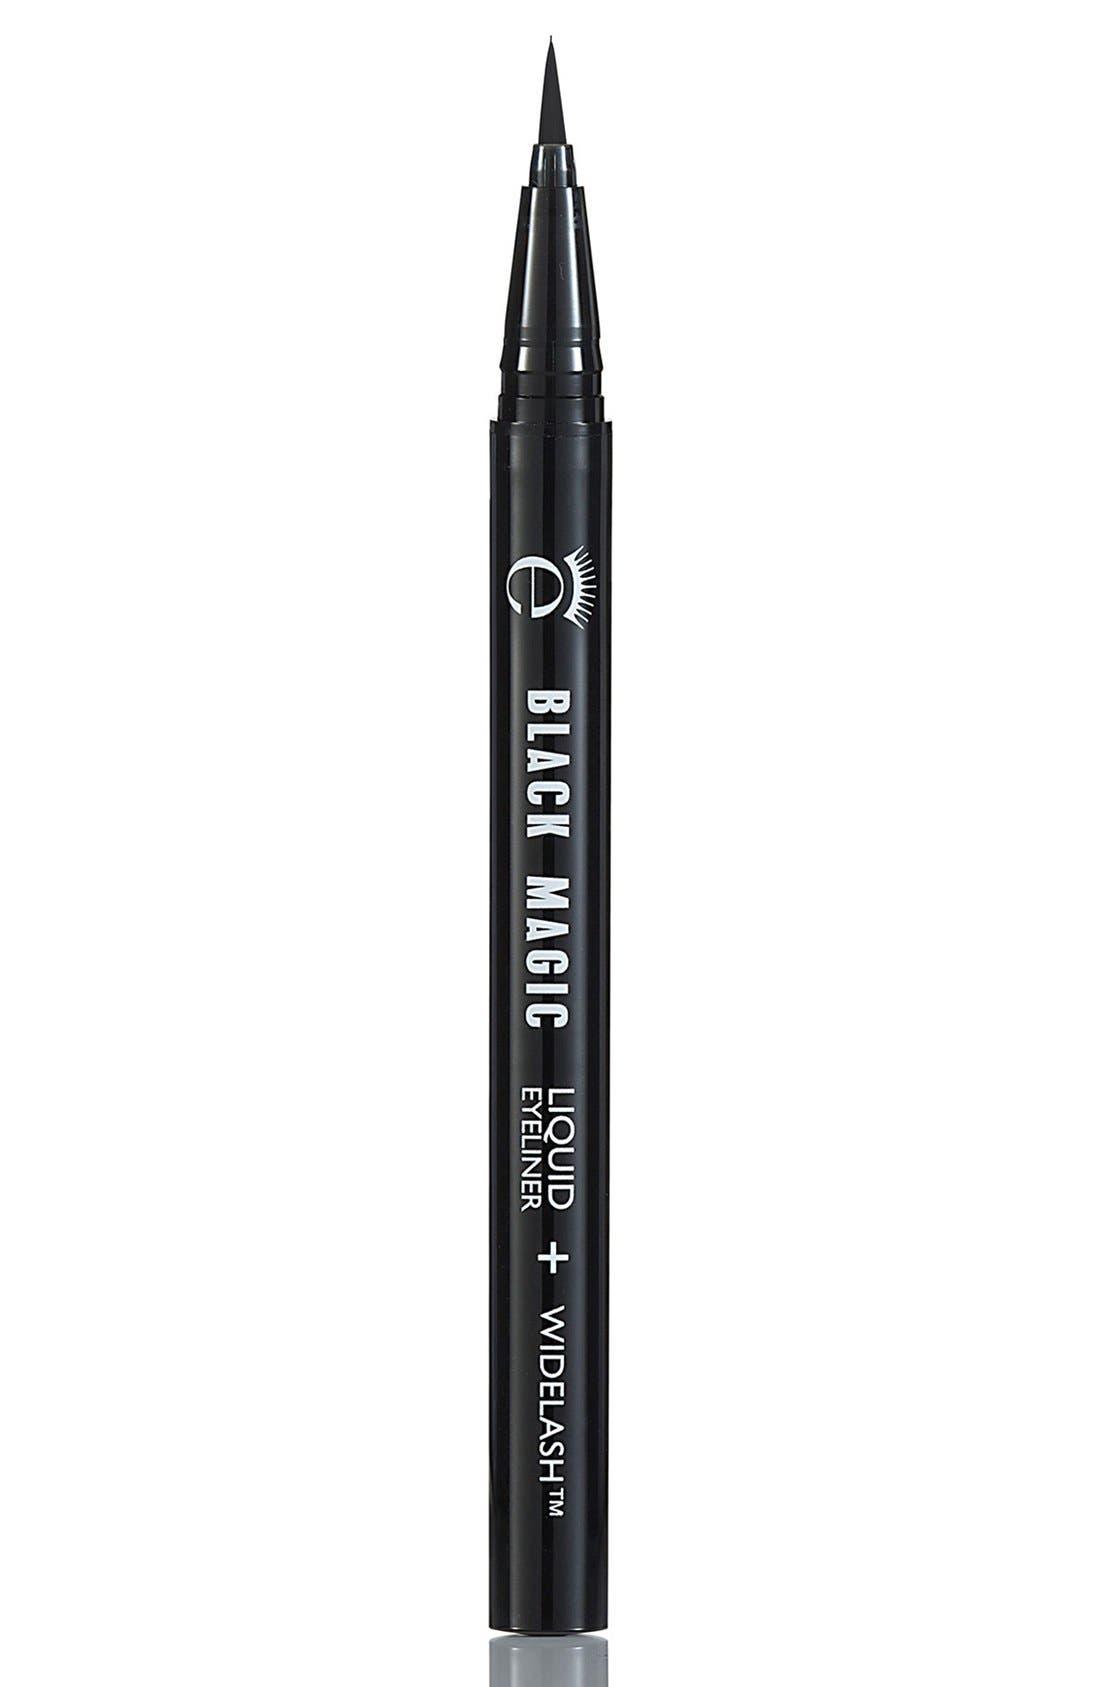 Eyeko 'Black Magic' Liquid Eyeliner